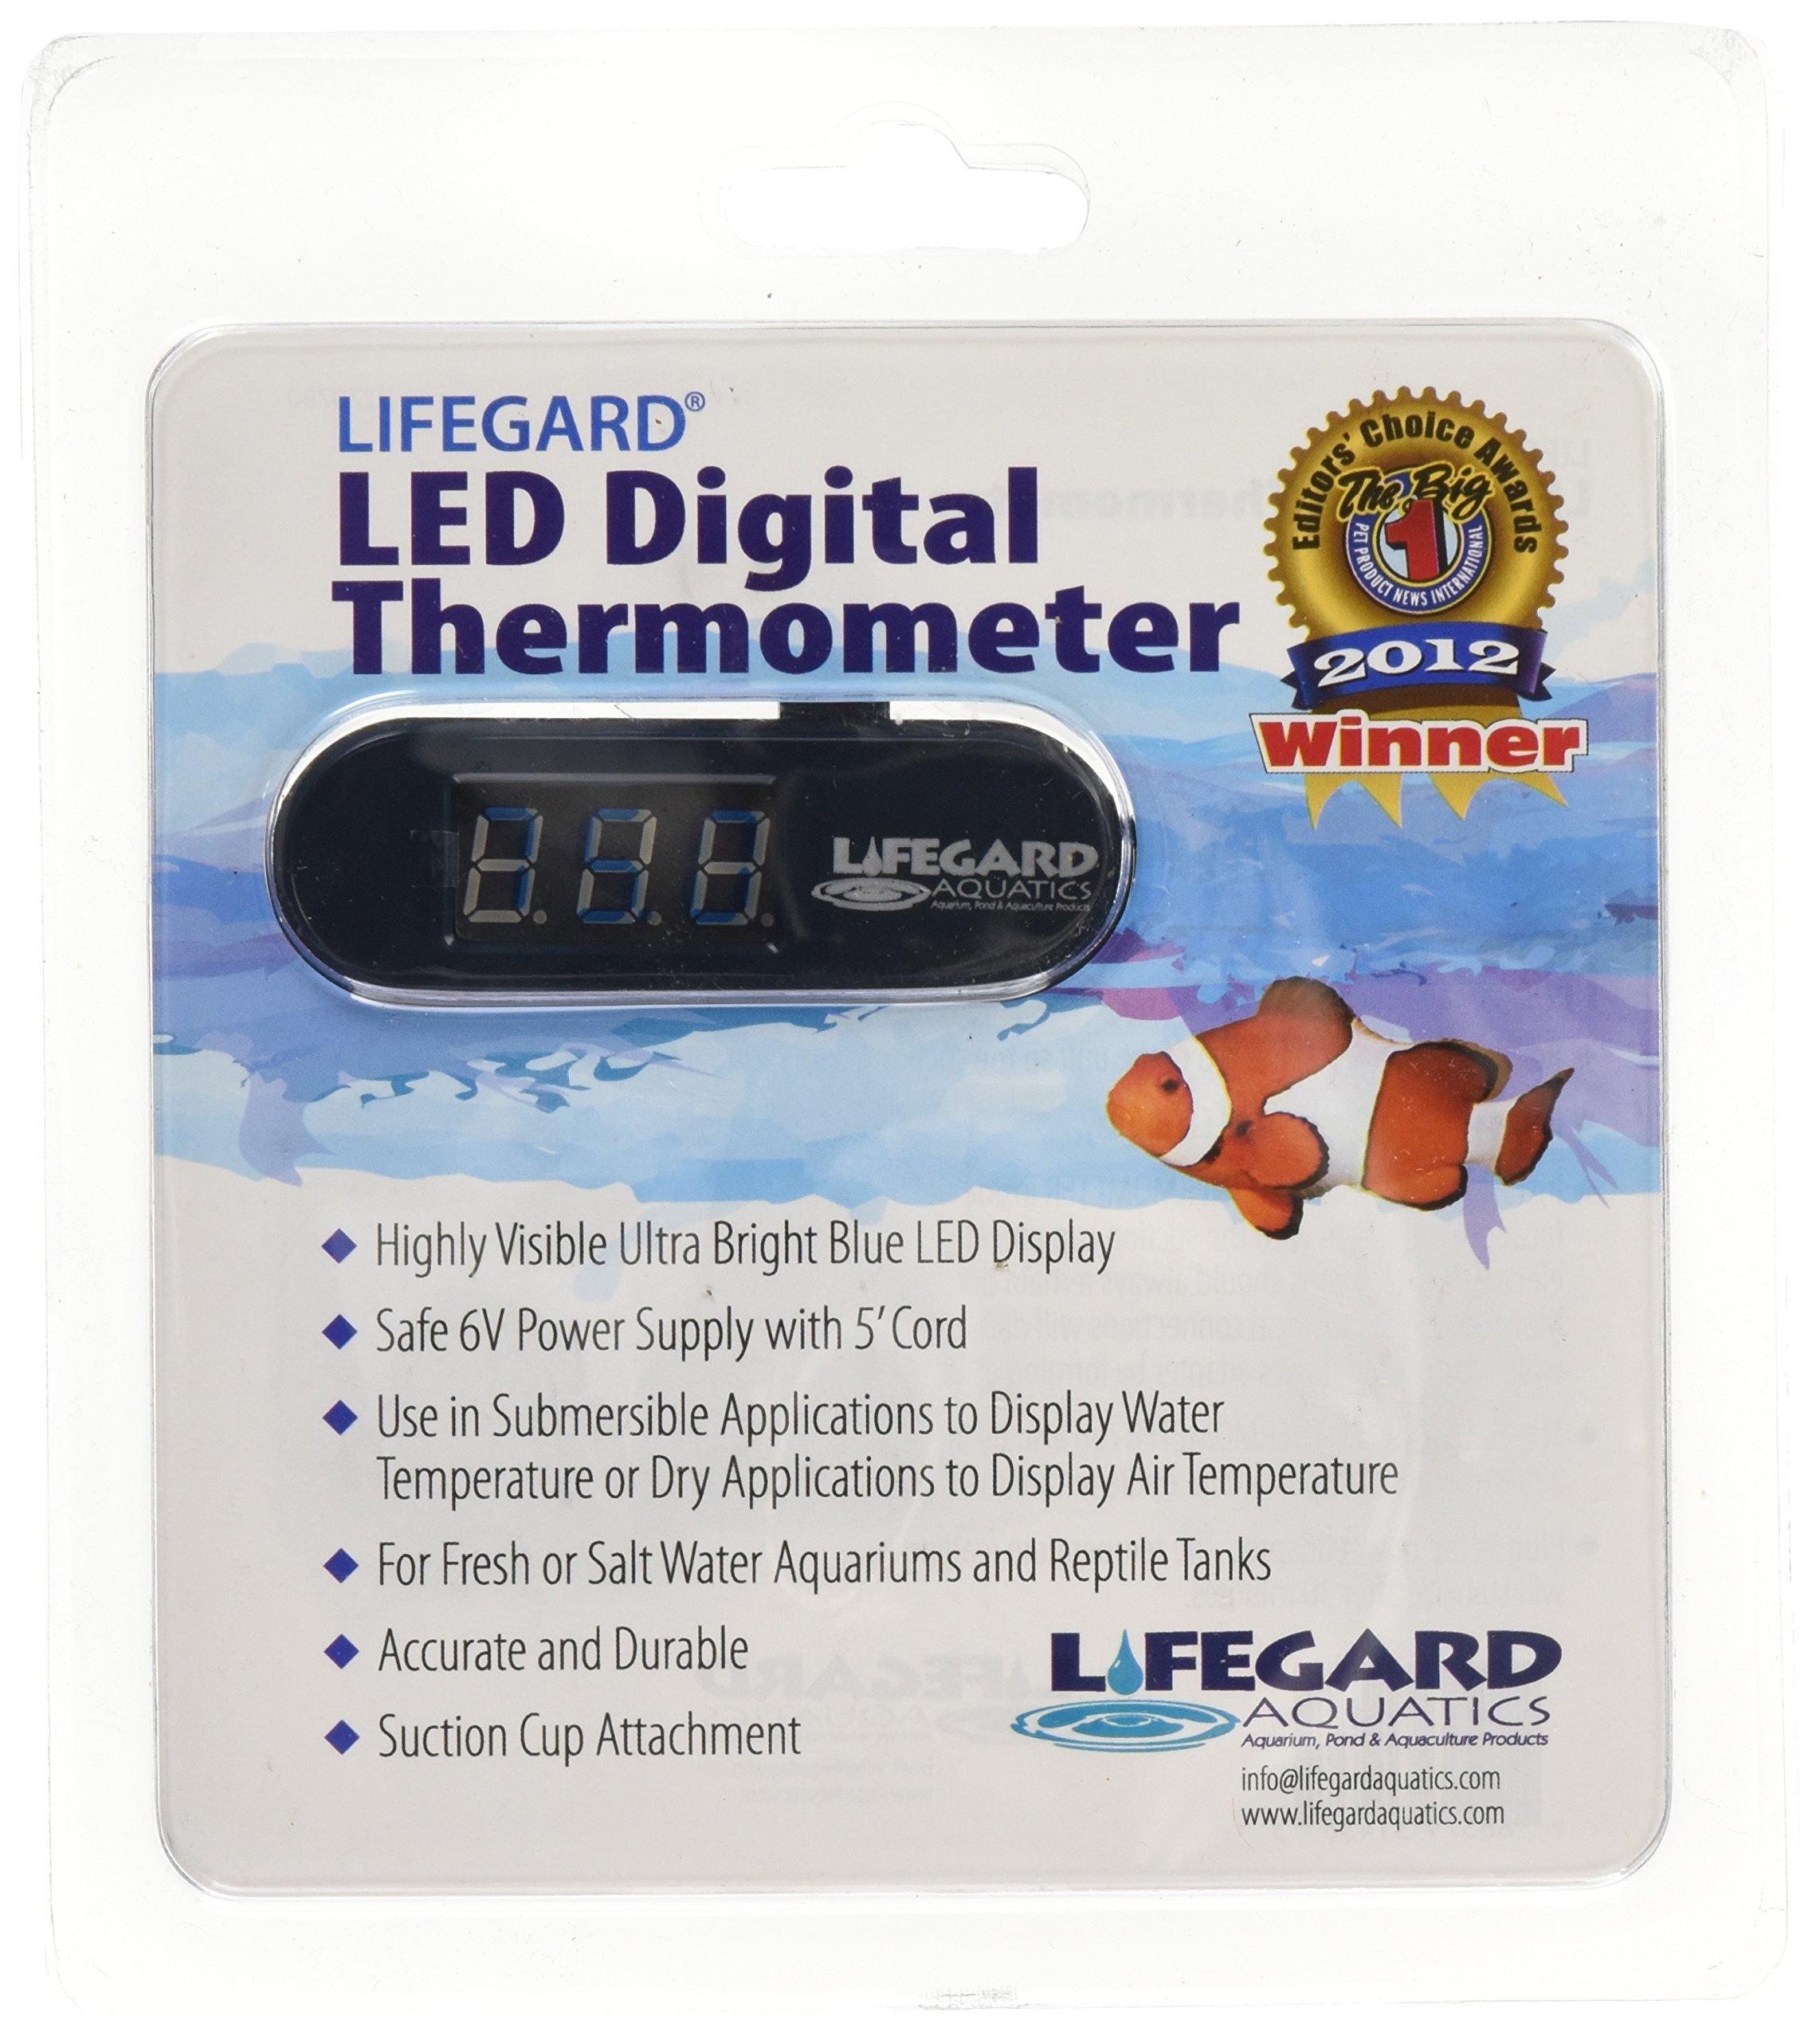 Lifegard Aquatics LED Digital Thermometer for Aquariums by Lifegard Aquatics